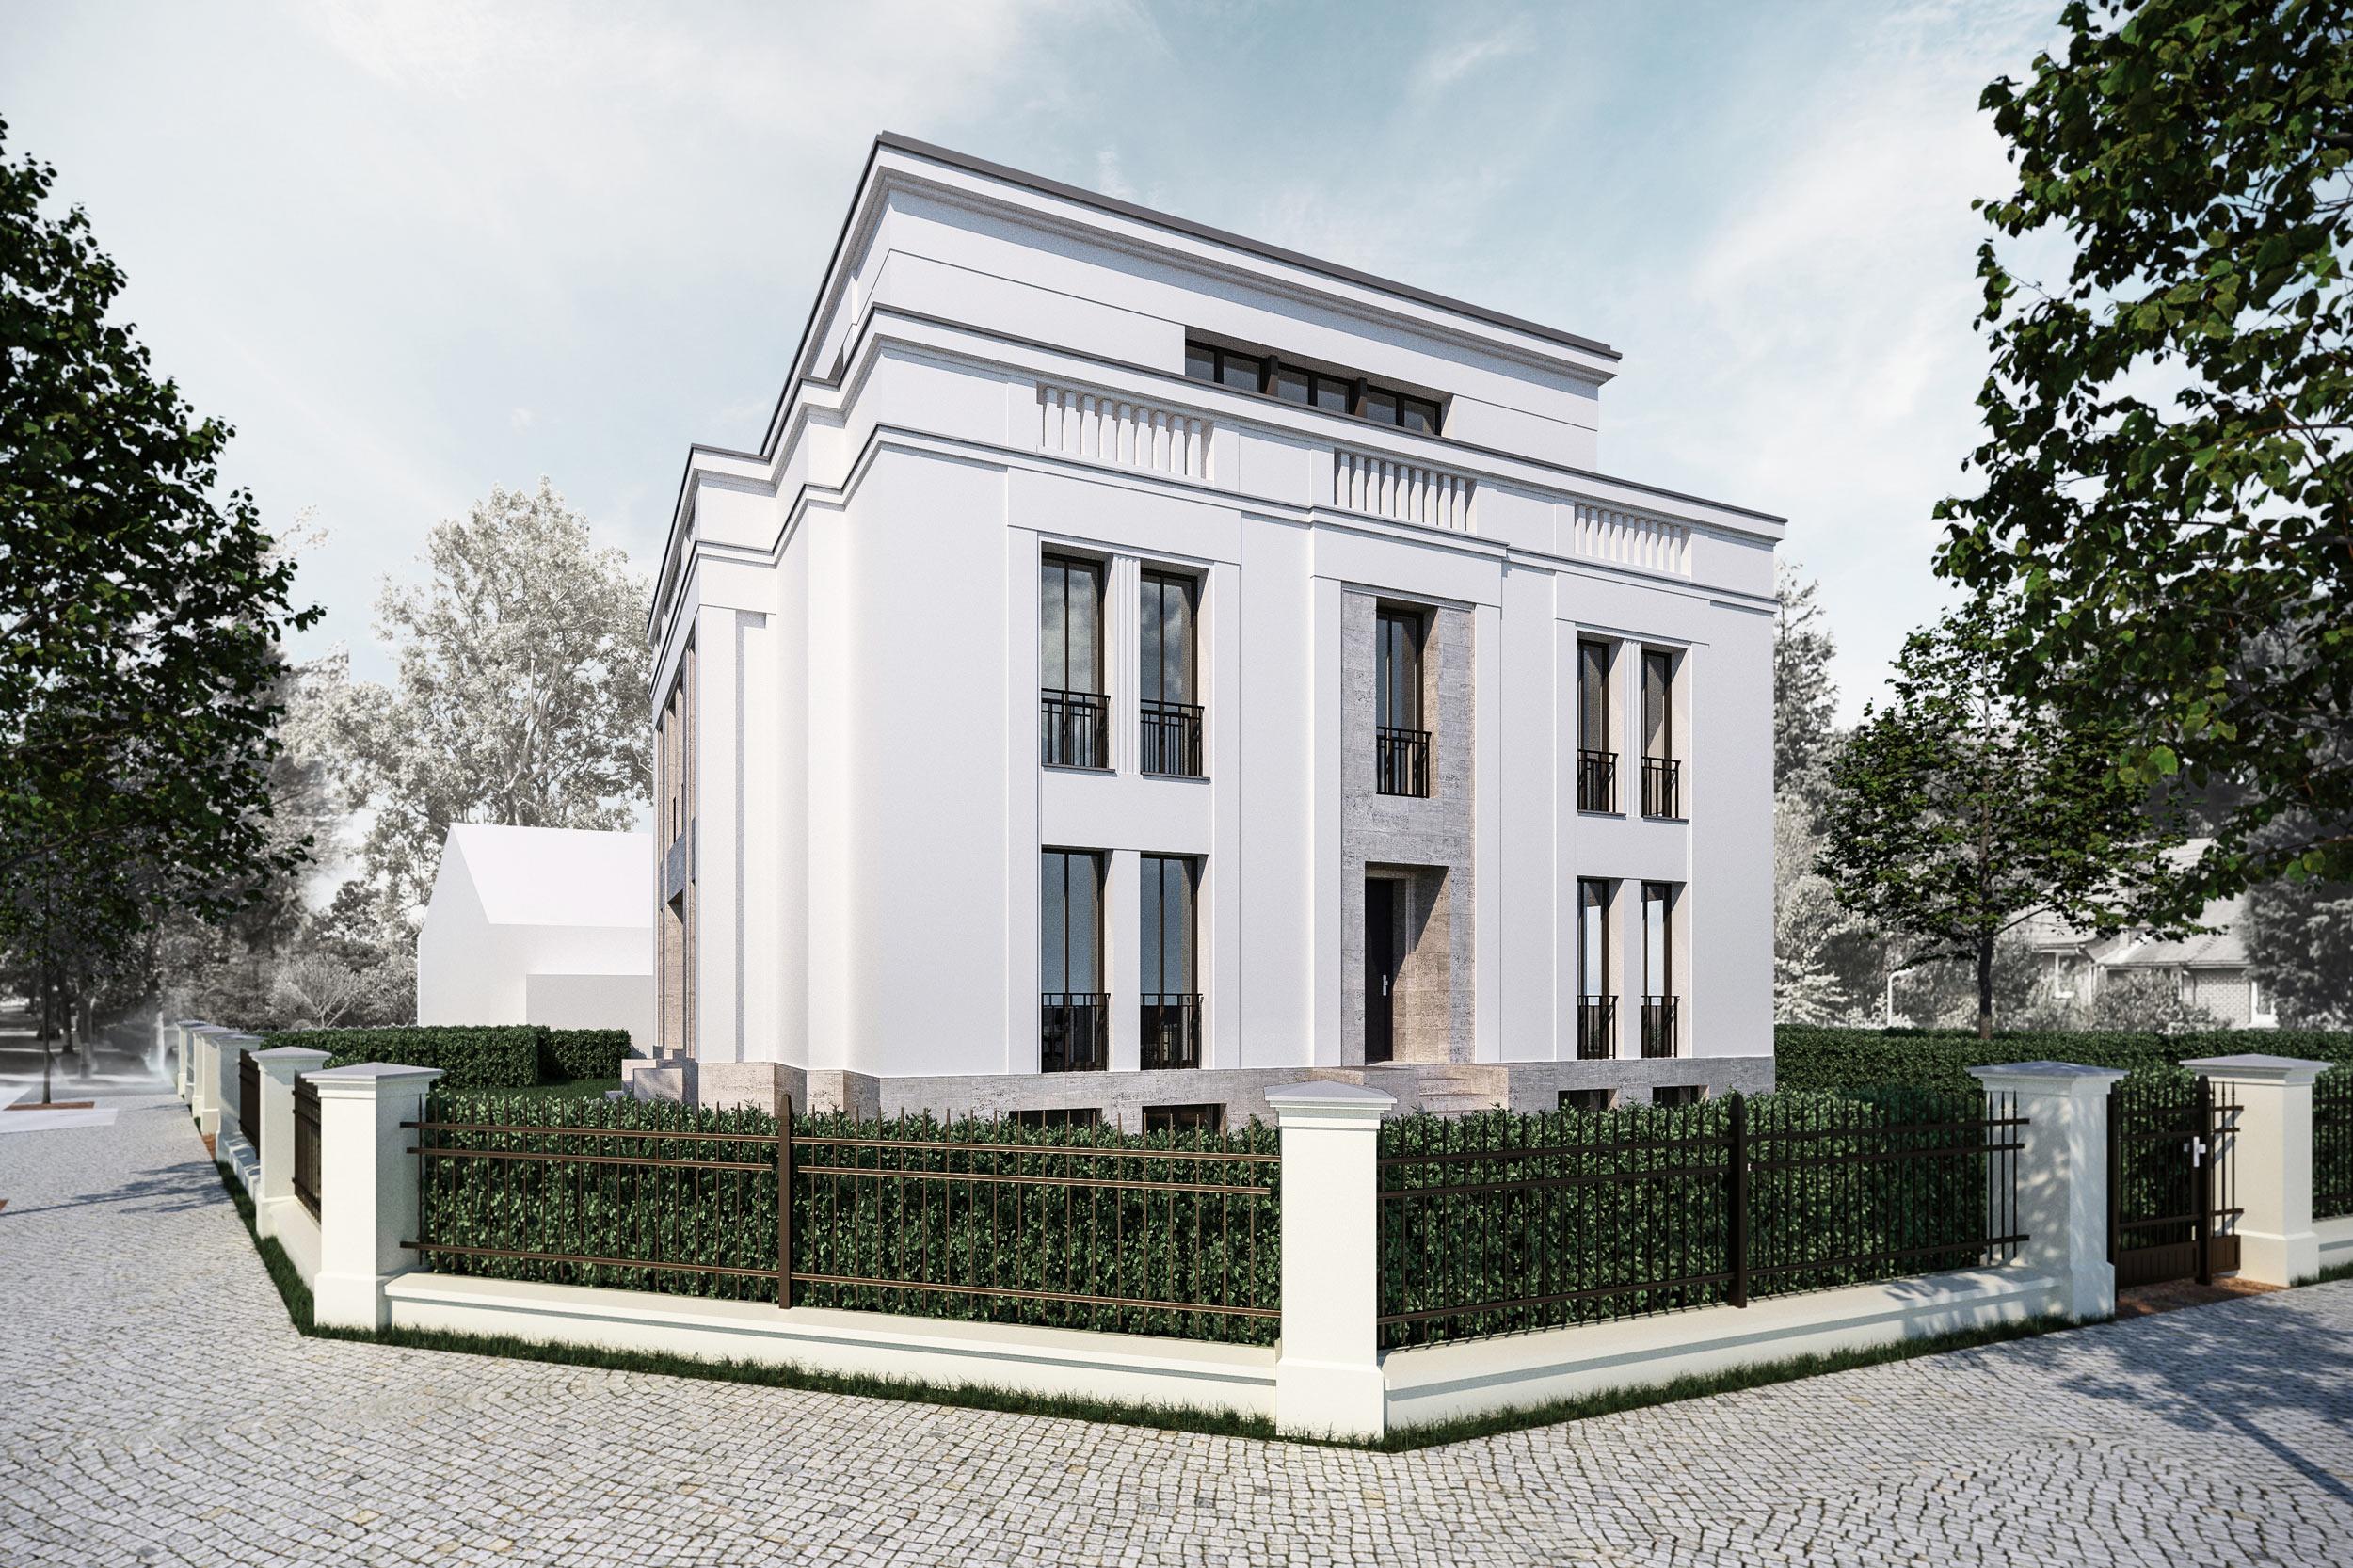 Bauen in klassischer Tradition im Berliner Grunewald - Beide Straßenfassaden besitzen Portale mit unterschiedlicher Stilistik.